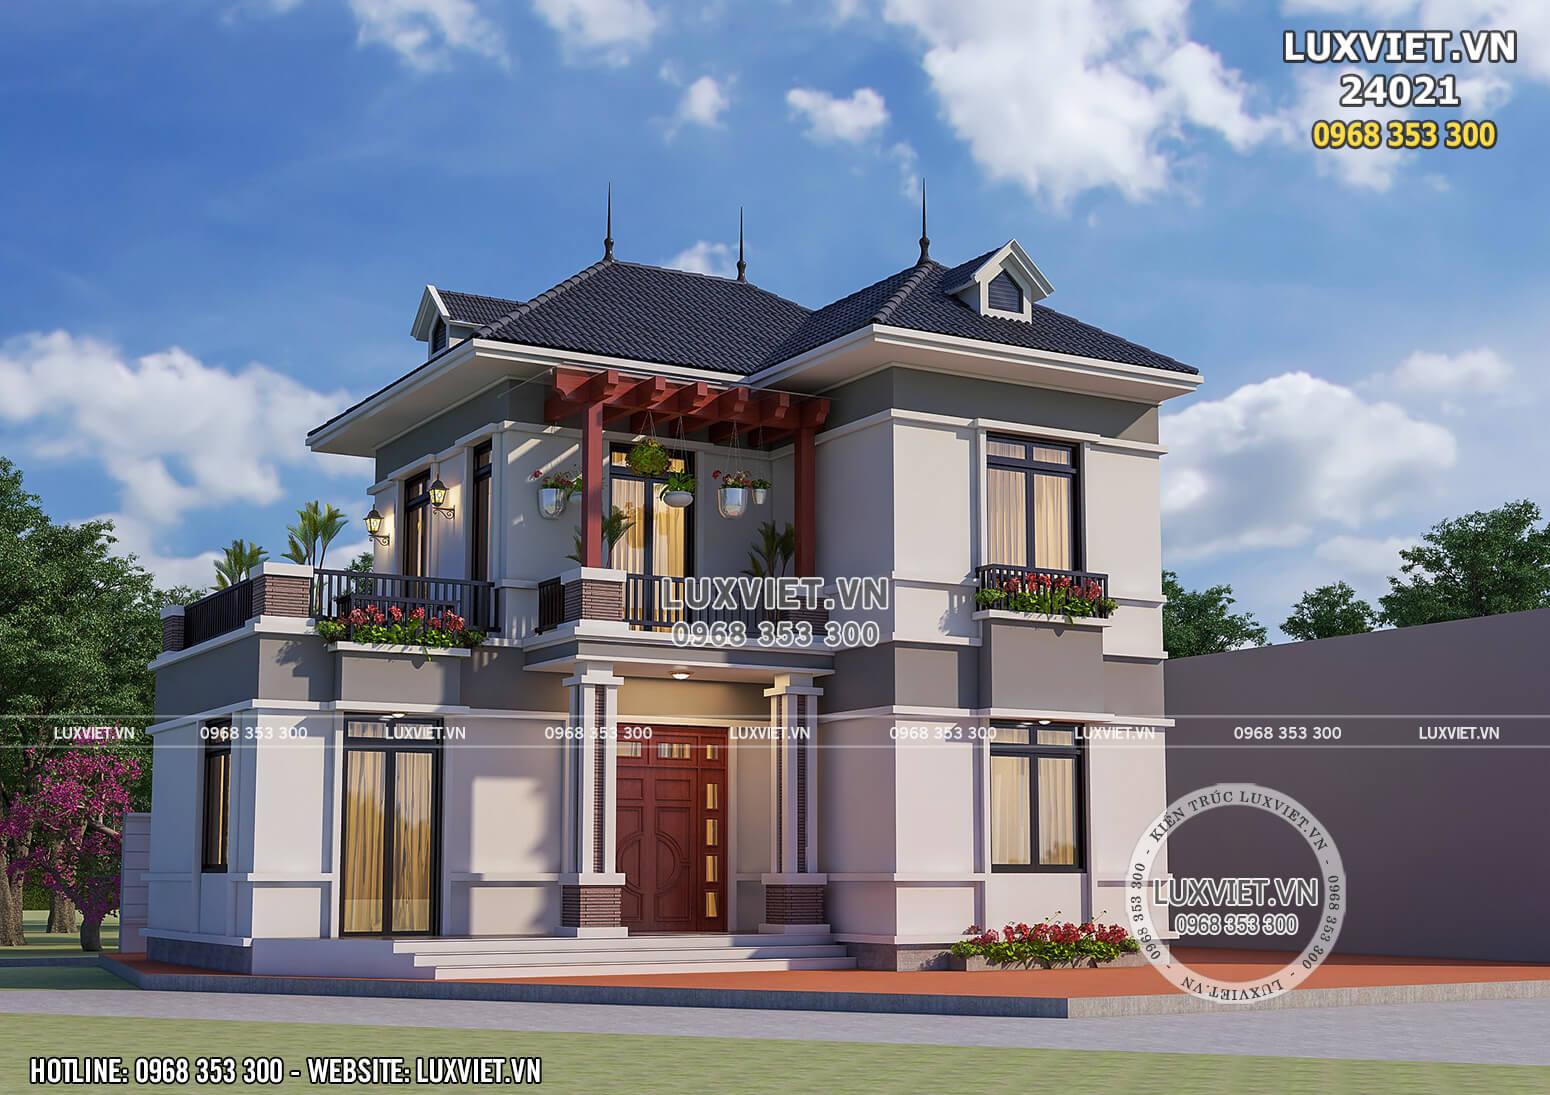 Mẫu nhà chữ L 4 phòng ngủ siêu đẹp tại Thái Bình – LV 24021